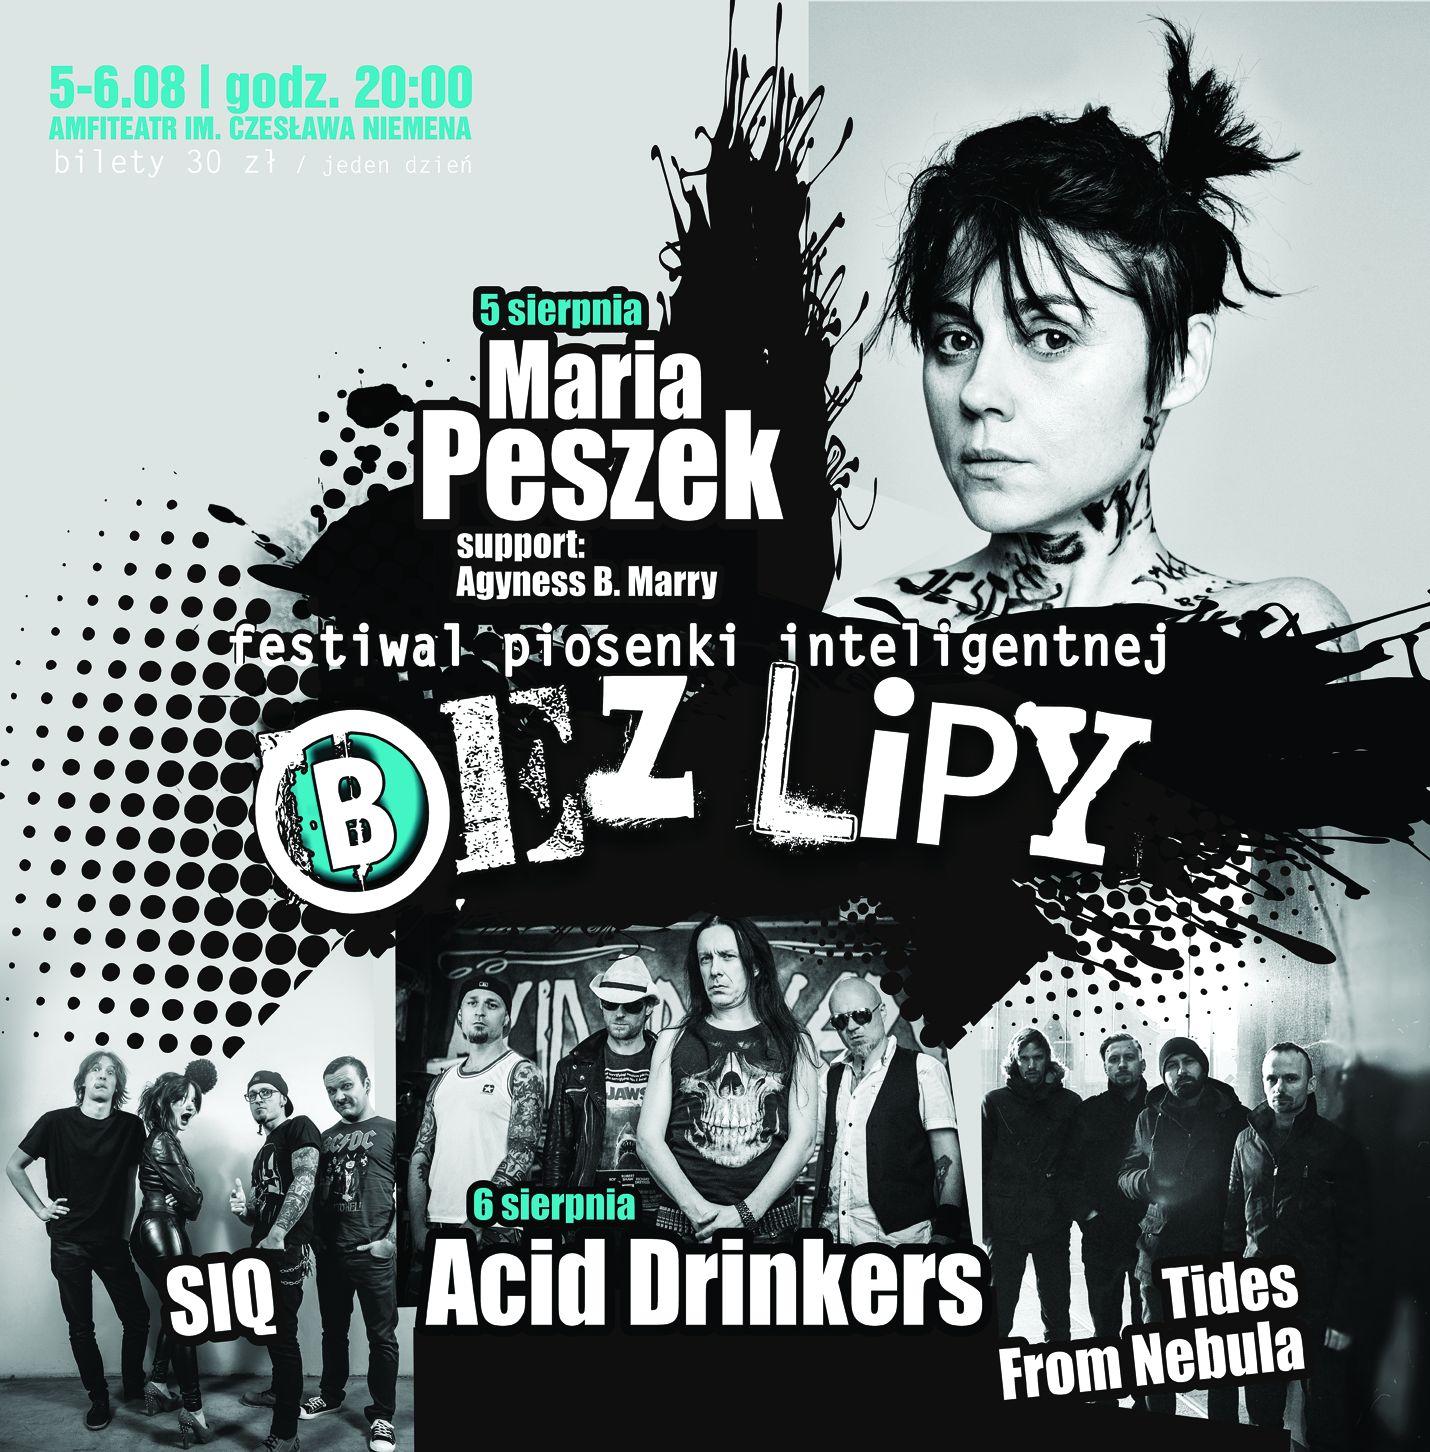 Bez Lipy w amfiteatrze. Na scenie m.in. Maria Peszek i Acid Drinkers